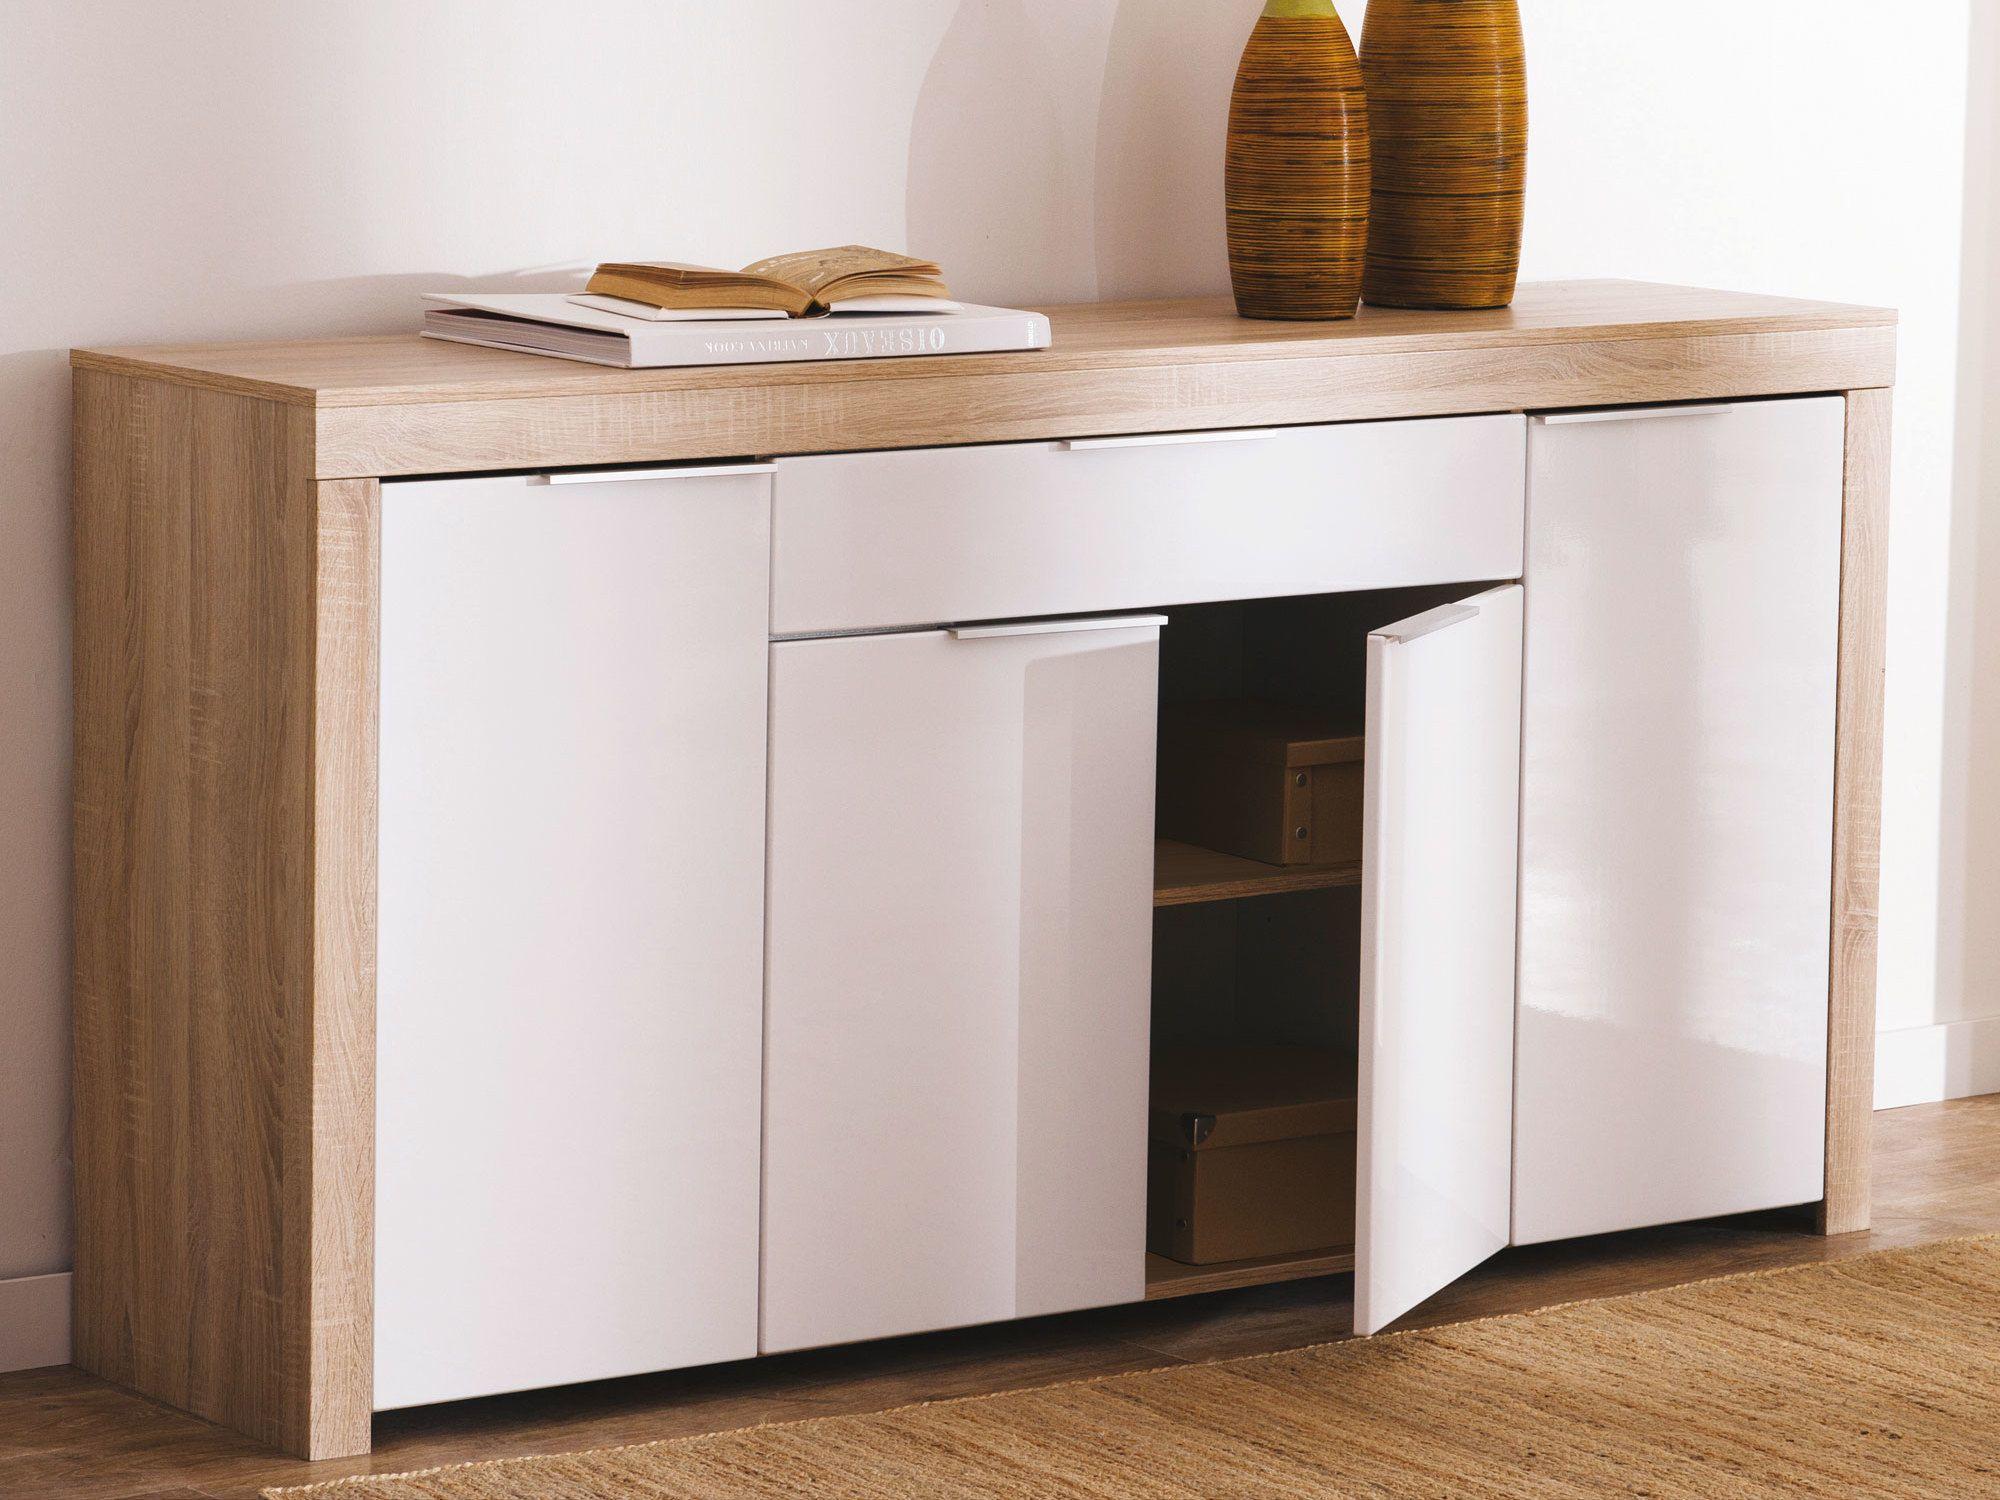 Buffet bas 4 portes 1 tiroir blanc et bois L177 2 cm NAXIS